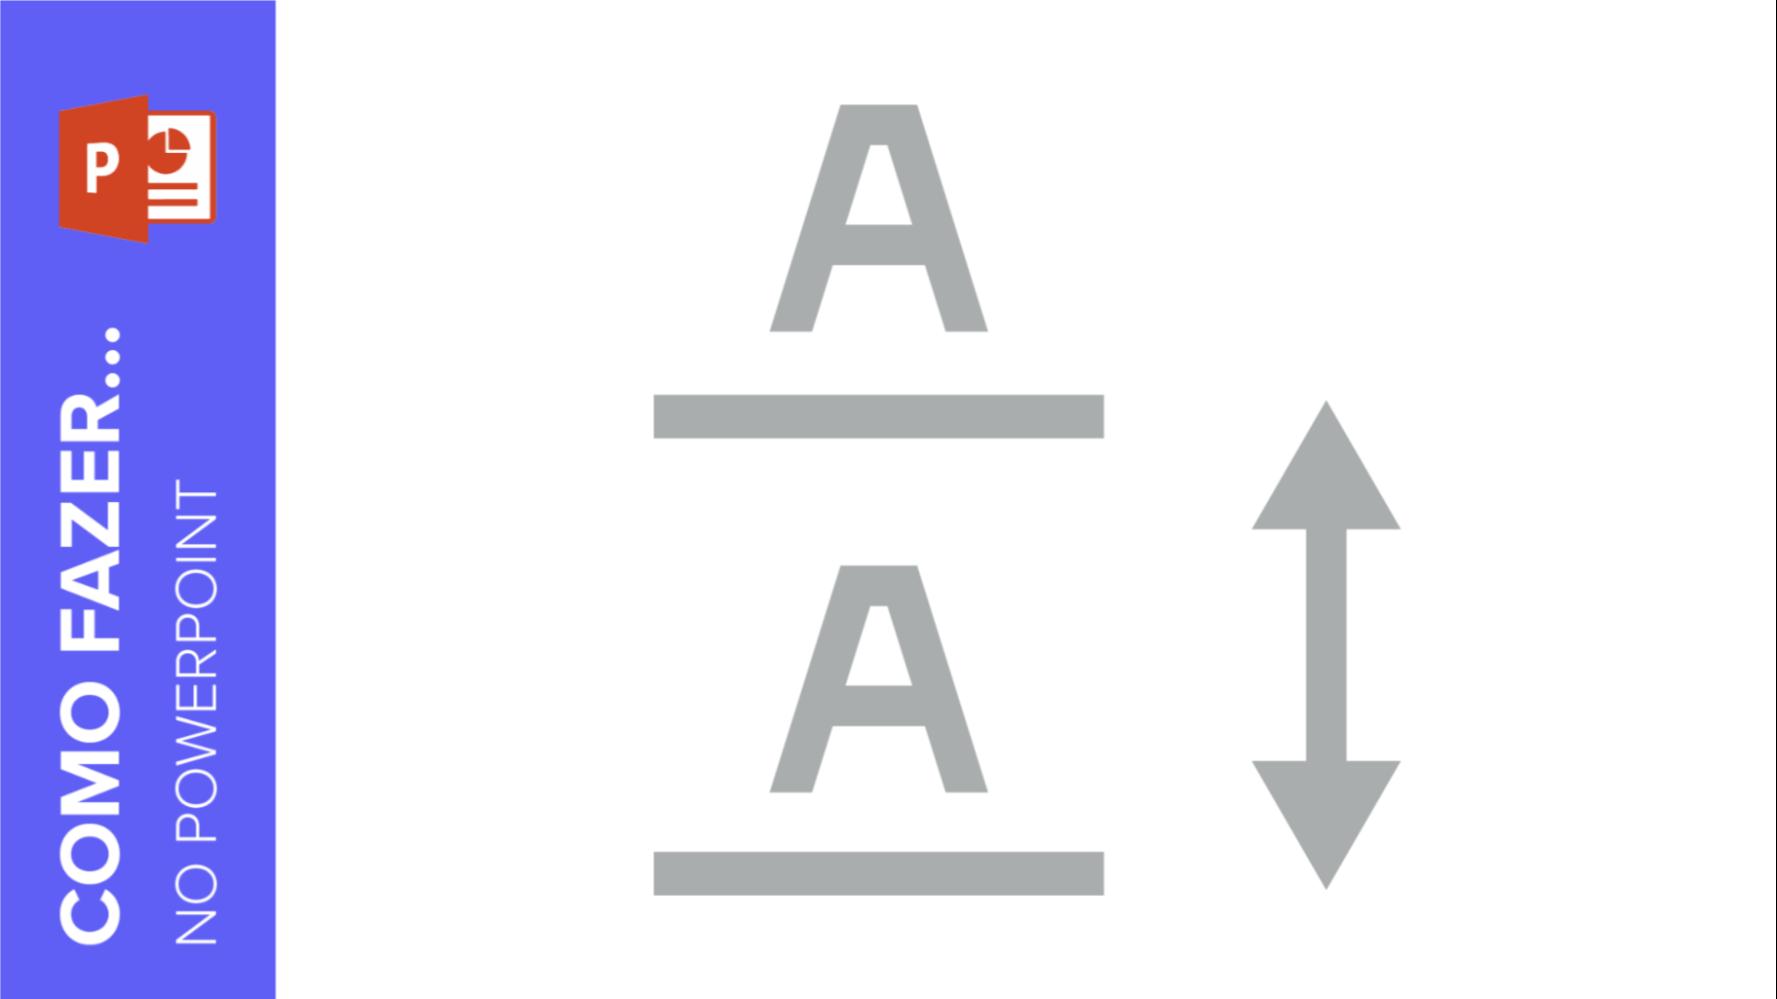 Como alterar o recuo, espaçamento e espaçamento entre linhas no PowerPoint   Tutoriais e Dicas de apresentação